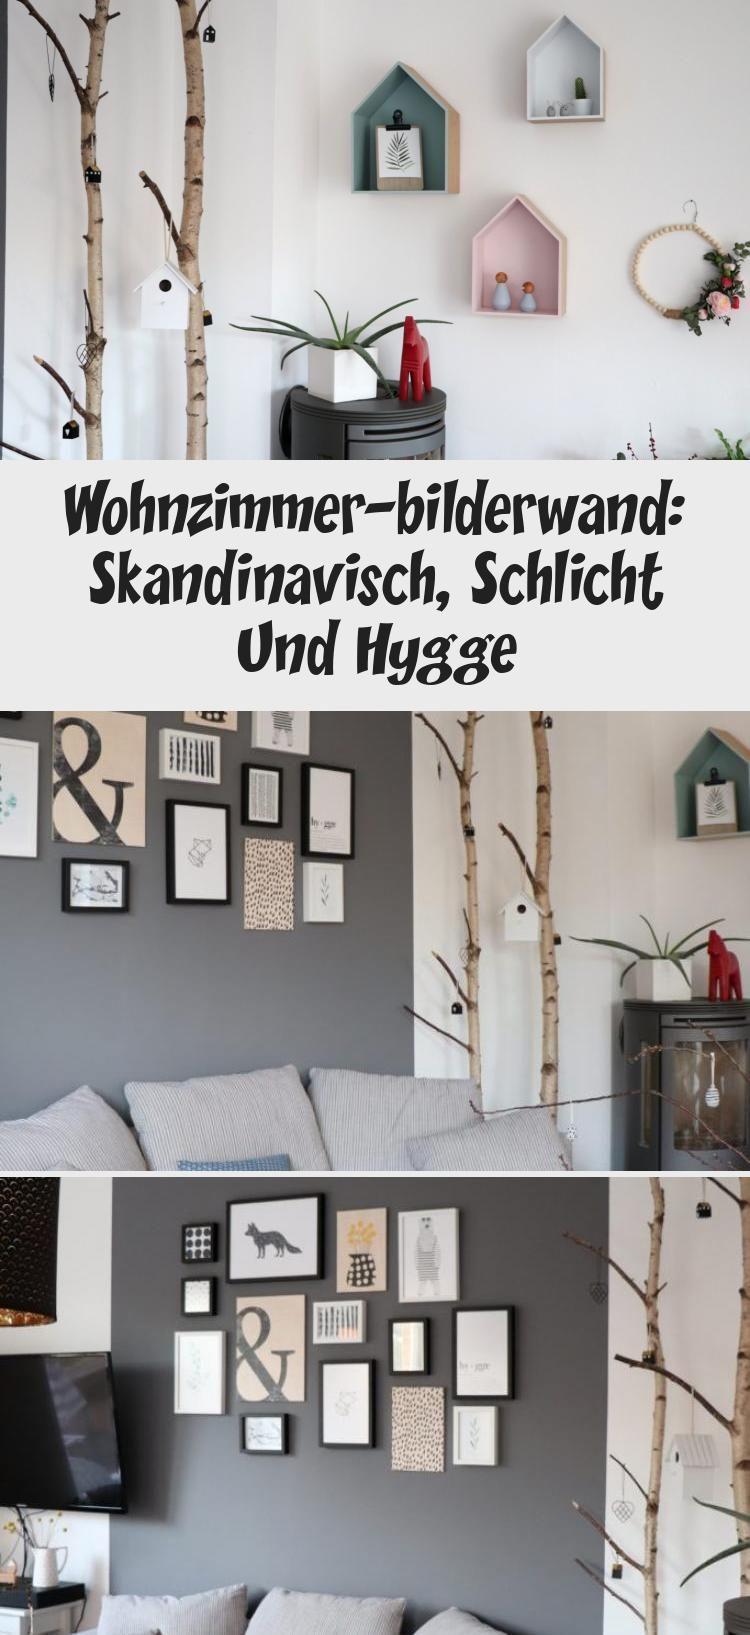 Wohnzimmer Bilderwand Skandinavisch Schlicht Und Hygge Picture